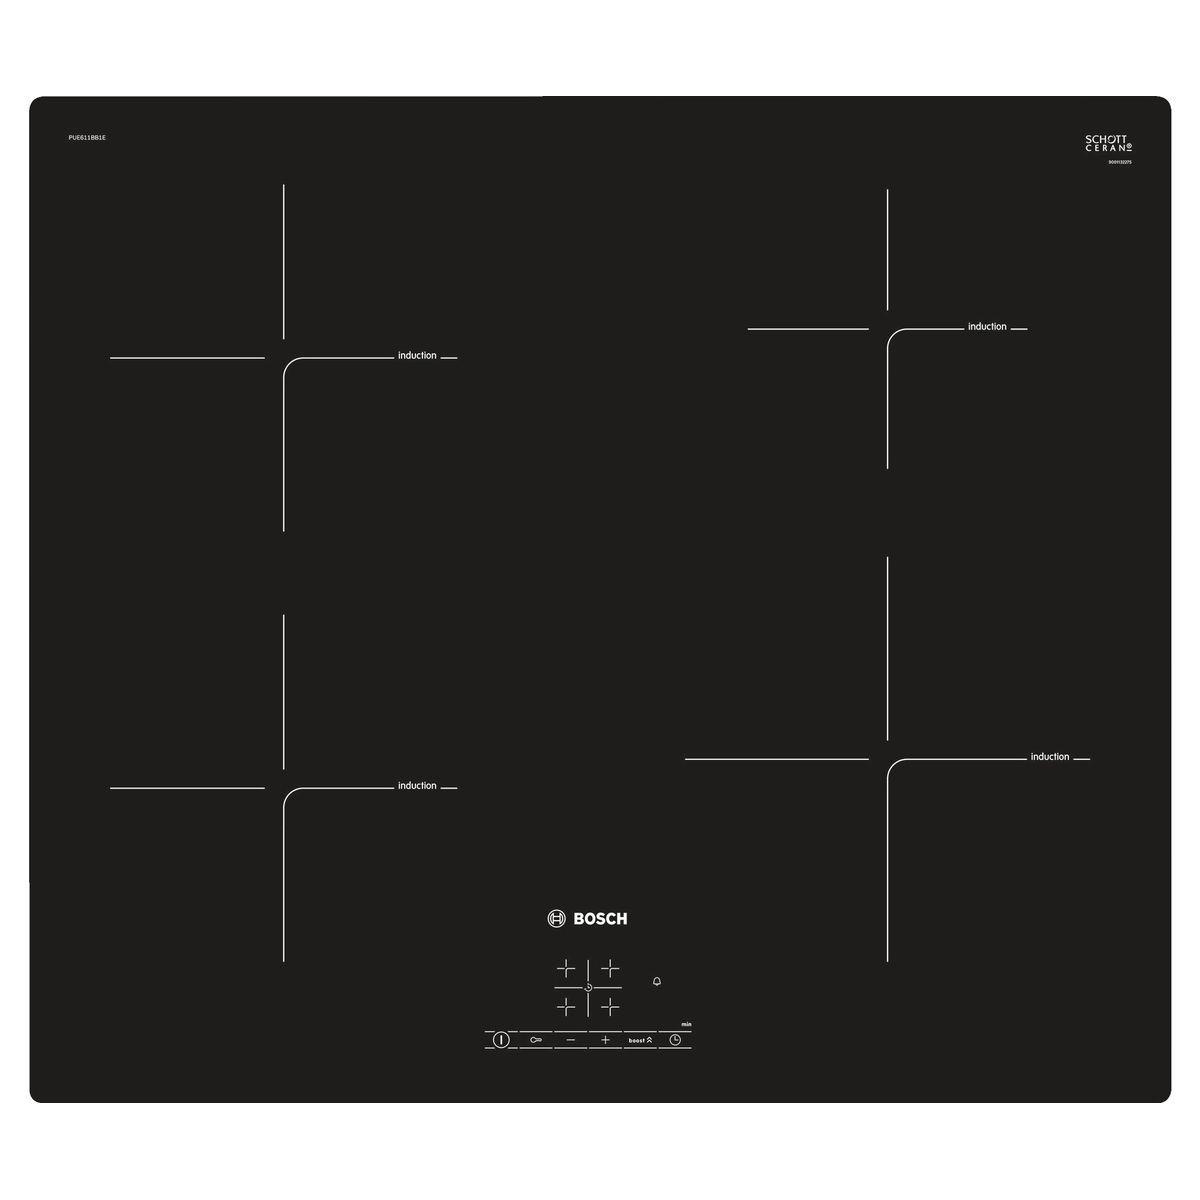 Table de cuisson induction PUE611BB1E, 60 cm, 4 foyers